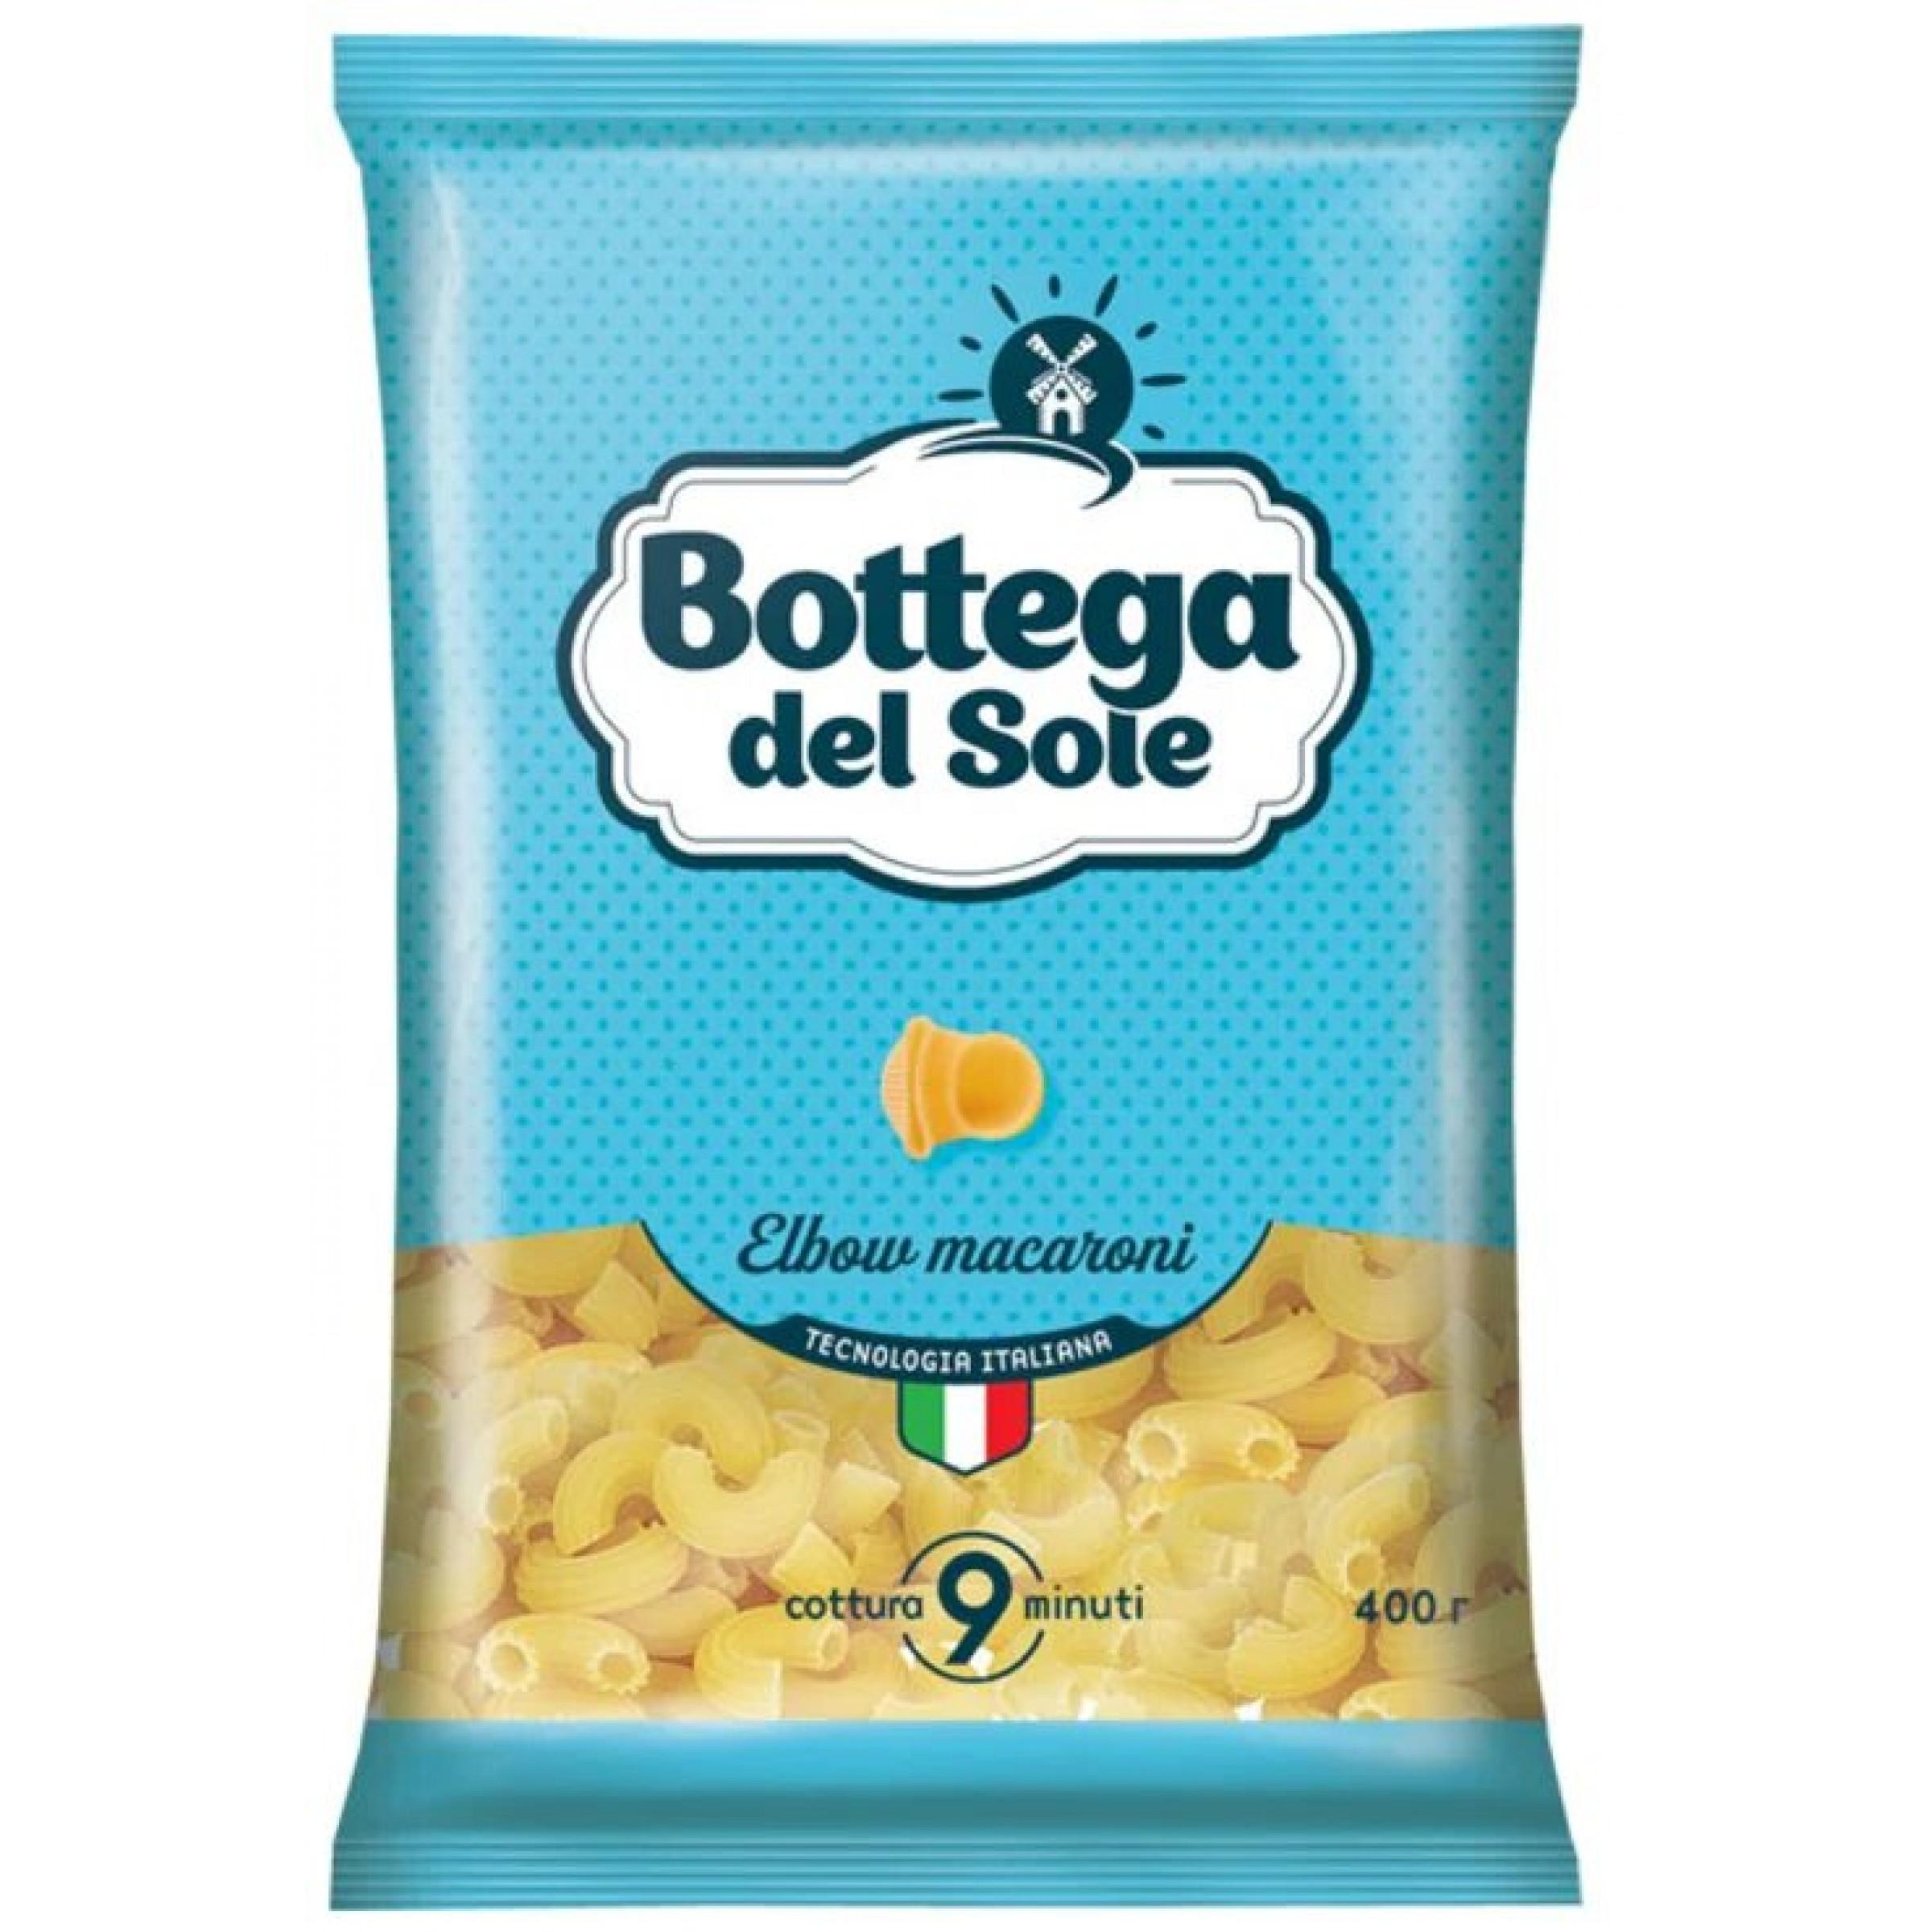 Макаронные изделия Bottega del Sole Рожки, 400 гр